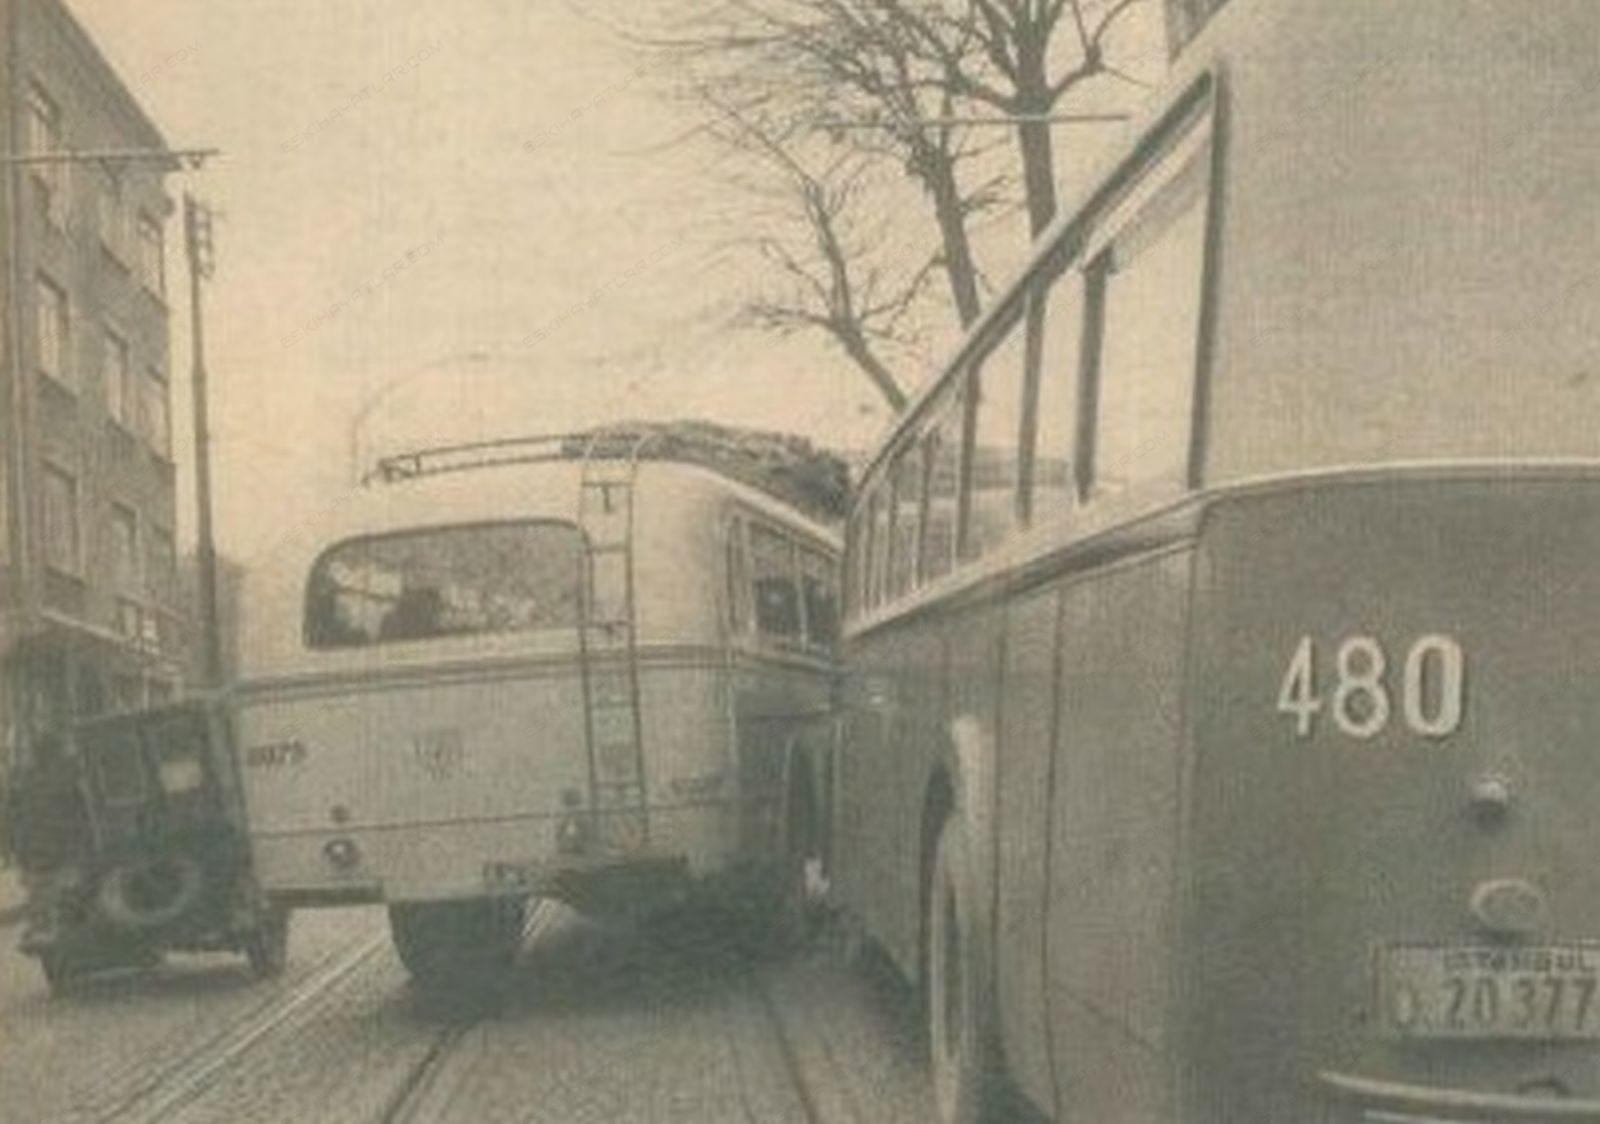 0263-altmisli-yillarda-istanbul-trafigi-1965-hayat-dergisi (3)